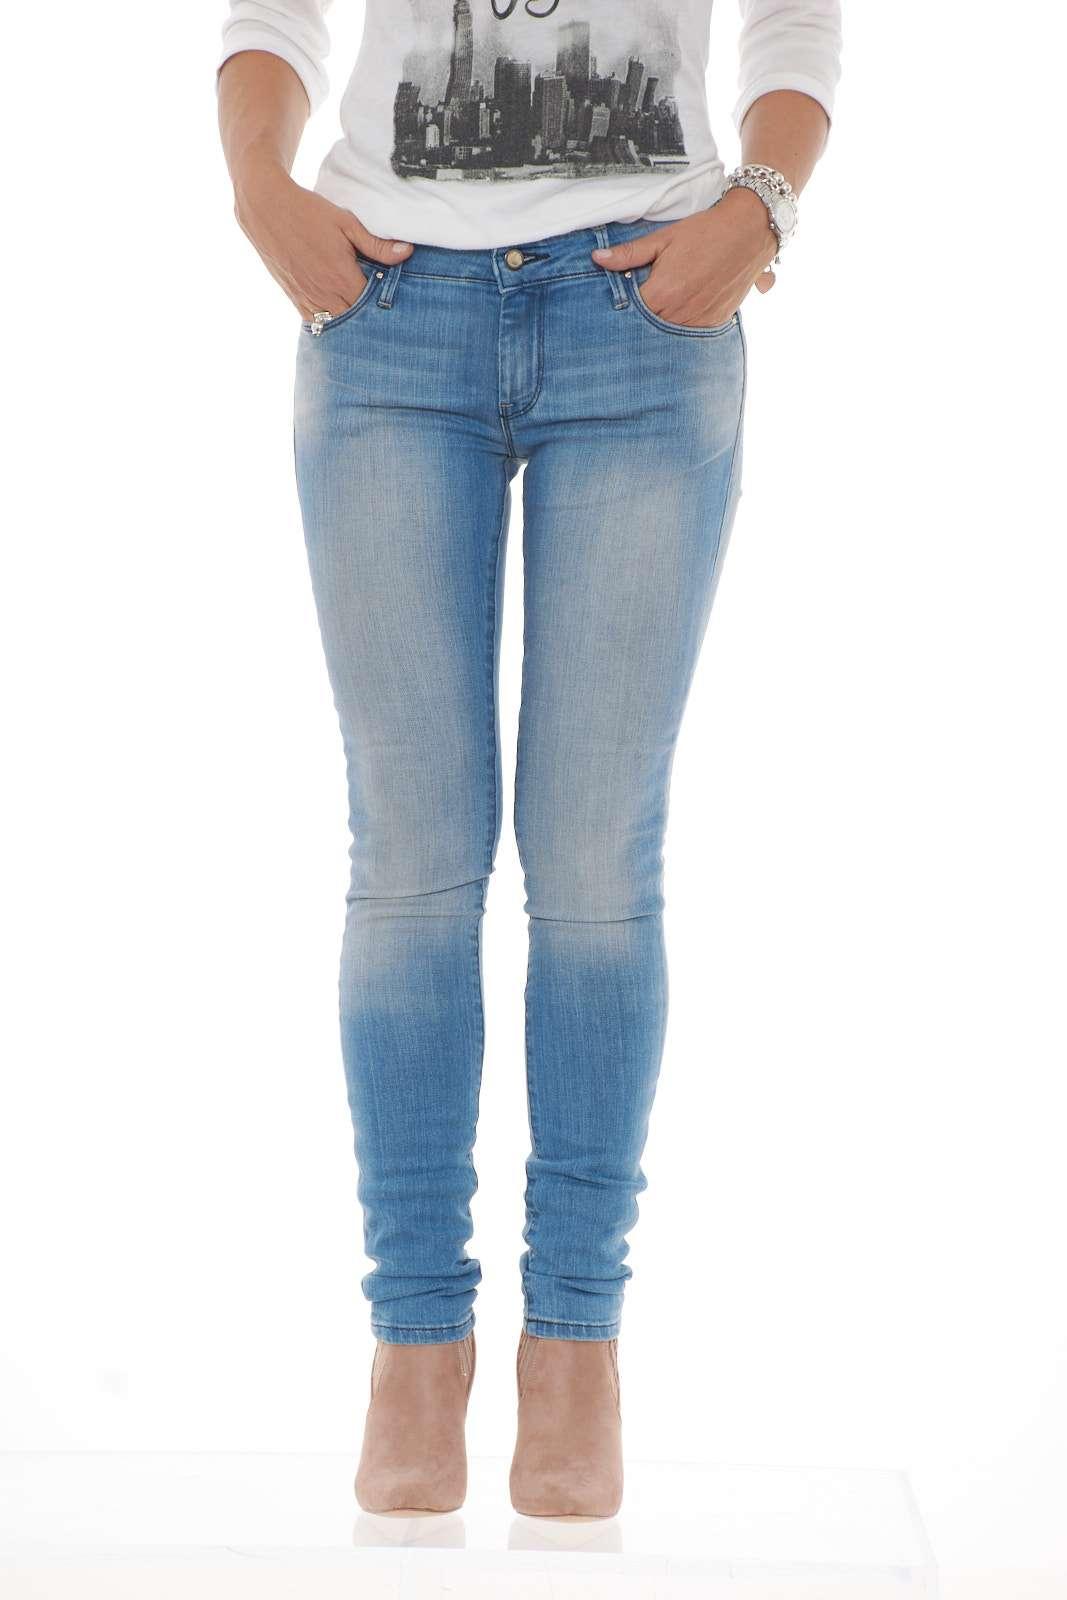 Un denim da tutti i giorni, semplice ed essenziale proposto da Calvin Klein. Il lavaggio chiaro e la vestibilità skinny mettono in risalto la silhouette per un look giovanile e sempre attuale.